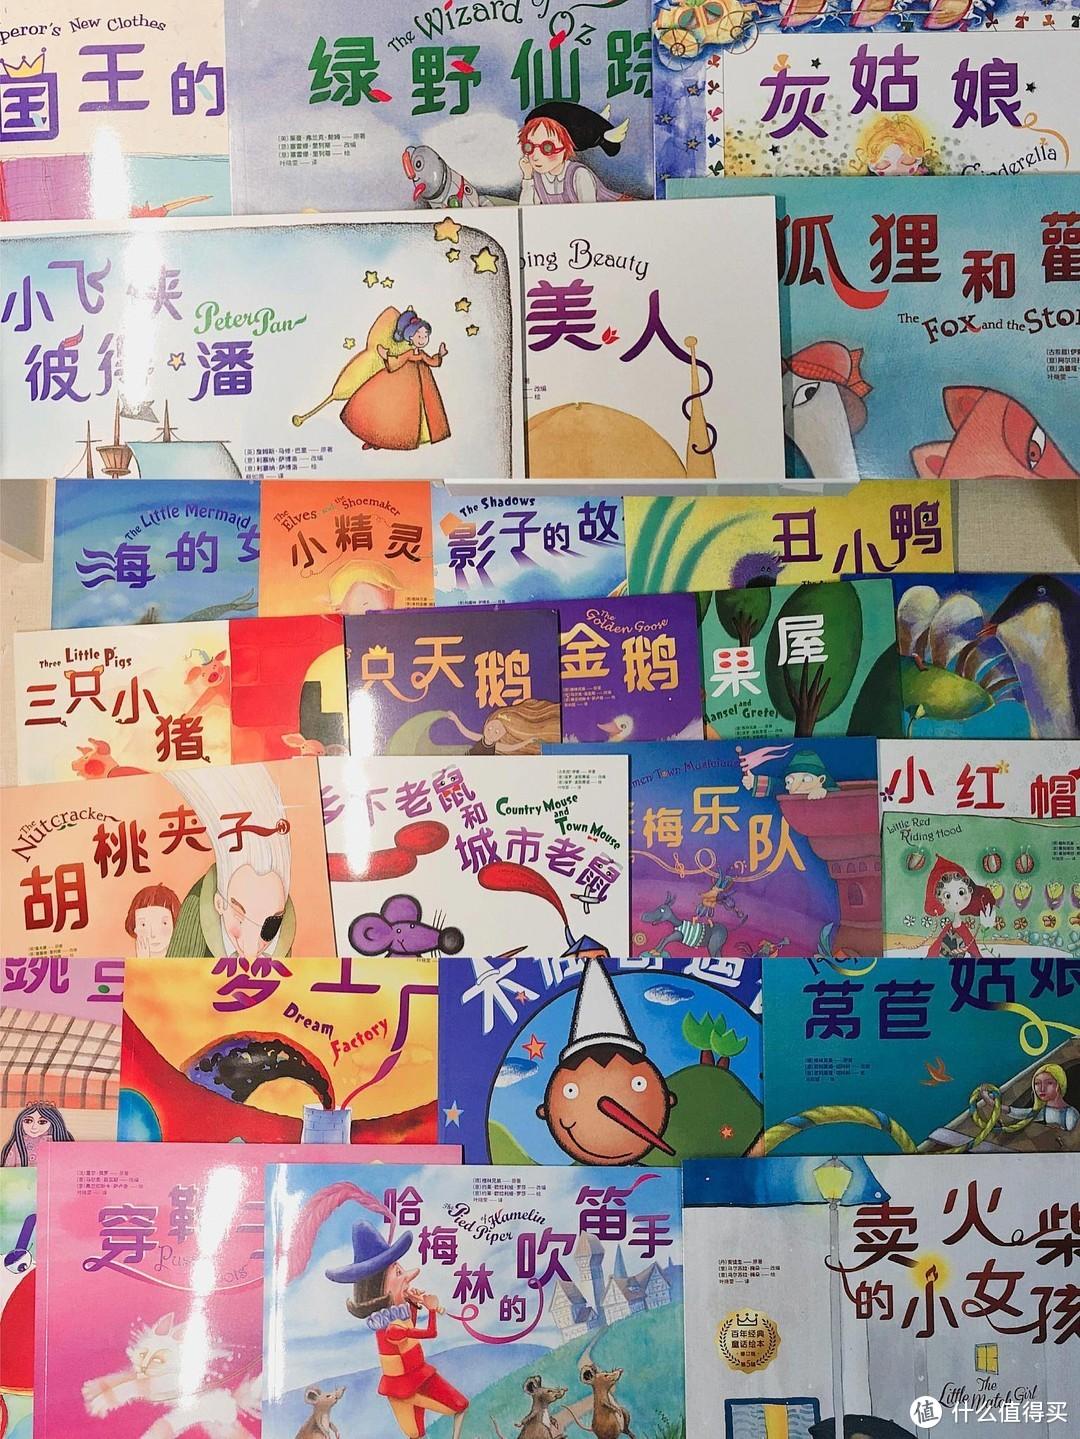 【童话故事书大剖析】挑选最适合3-6岁儿童亲子or自主阅读的童话书